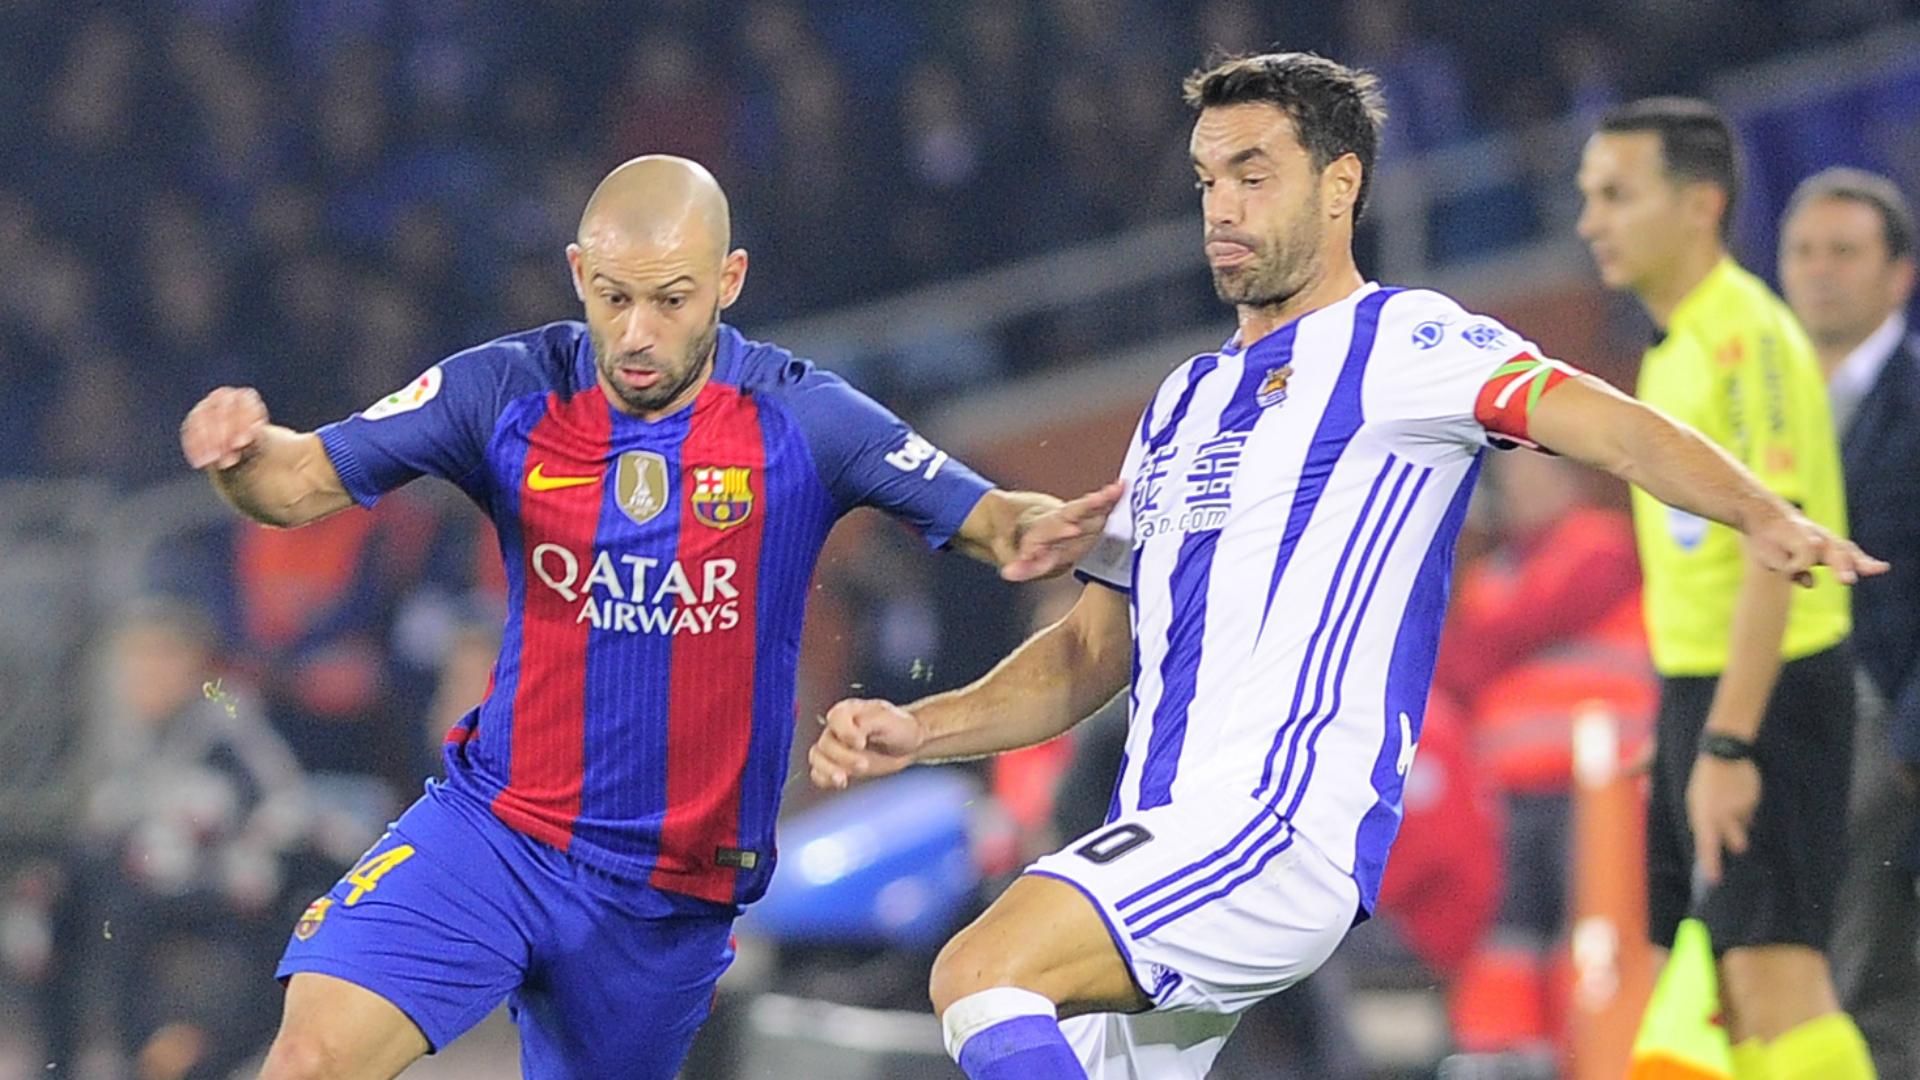 Xabi Prieto Javier Mascherano Real Sociedad Barcelona La Liga